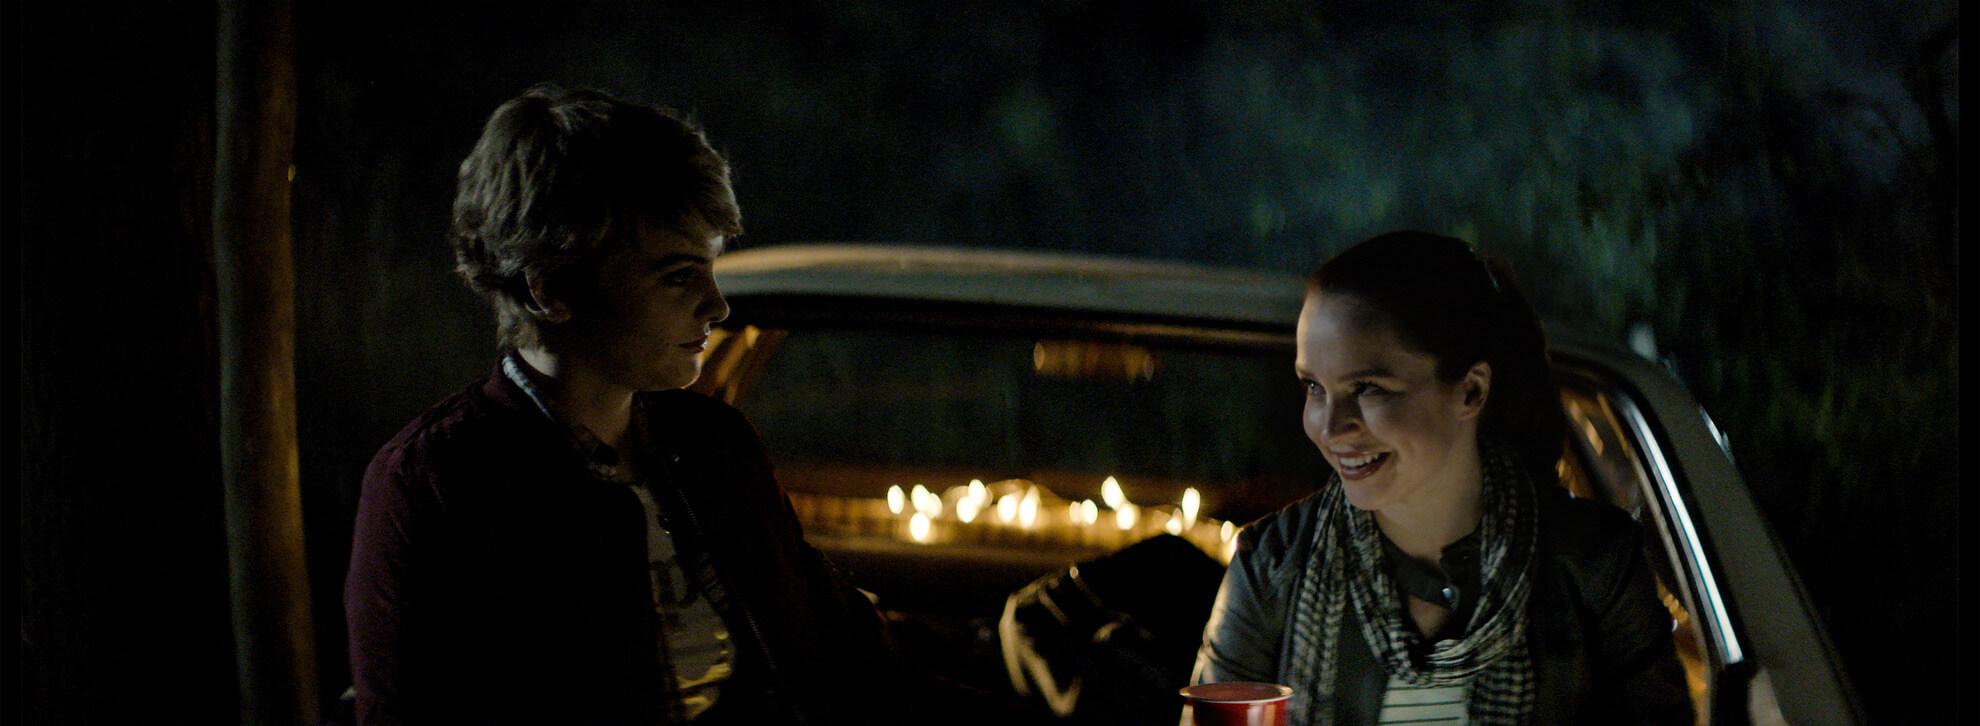 Triggered 2020 Film Still of Liesl Ahlers and Reine Swart